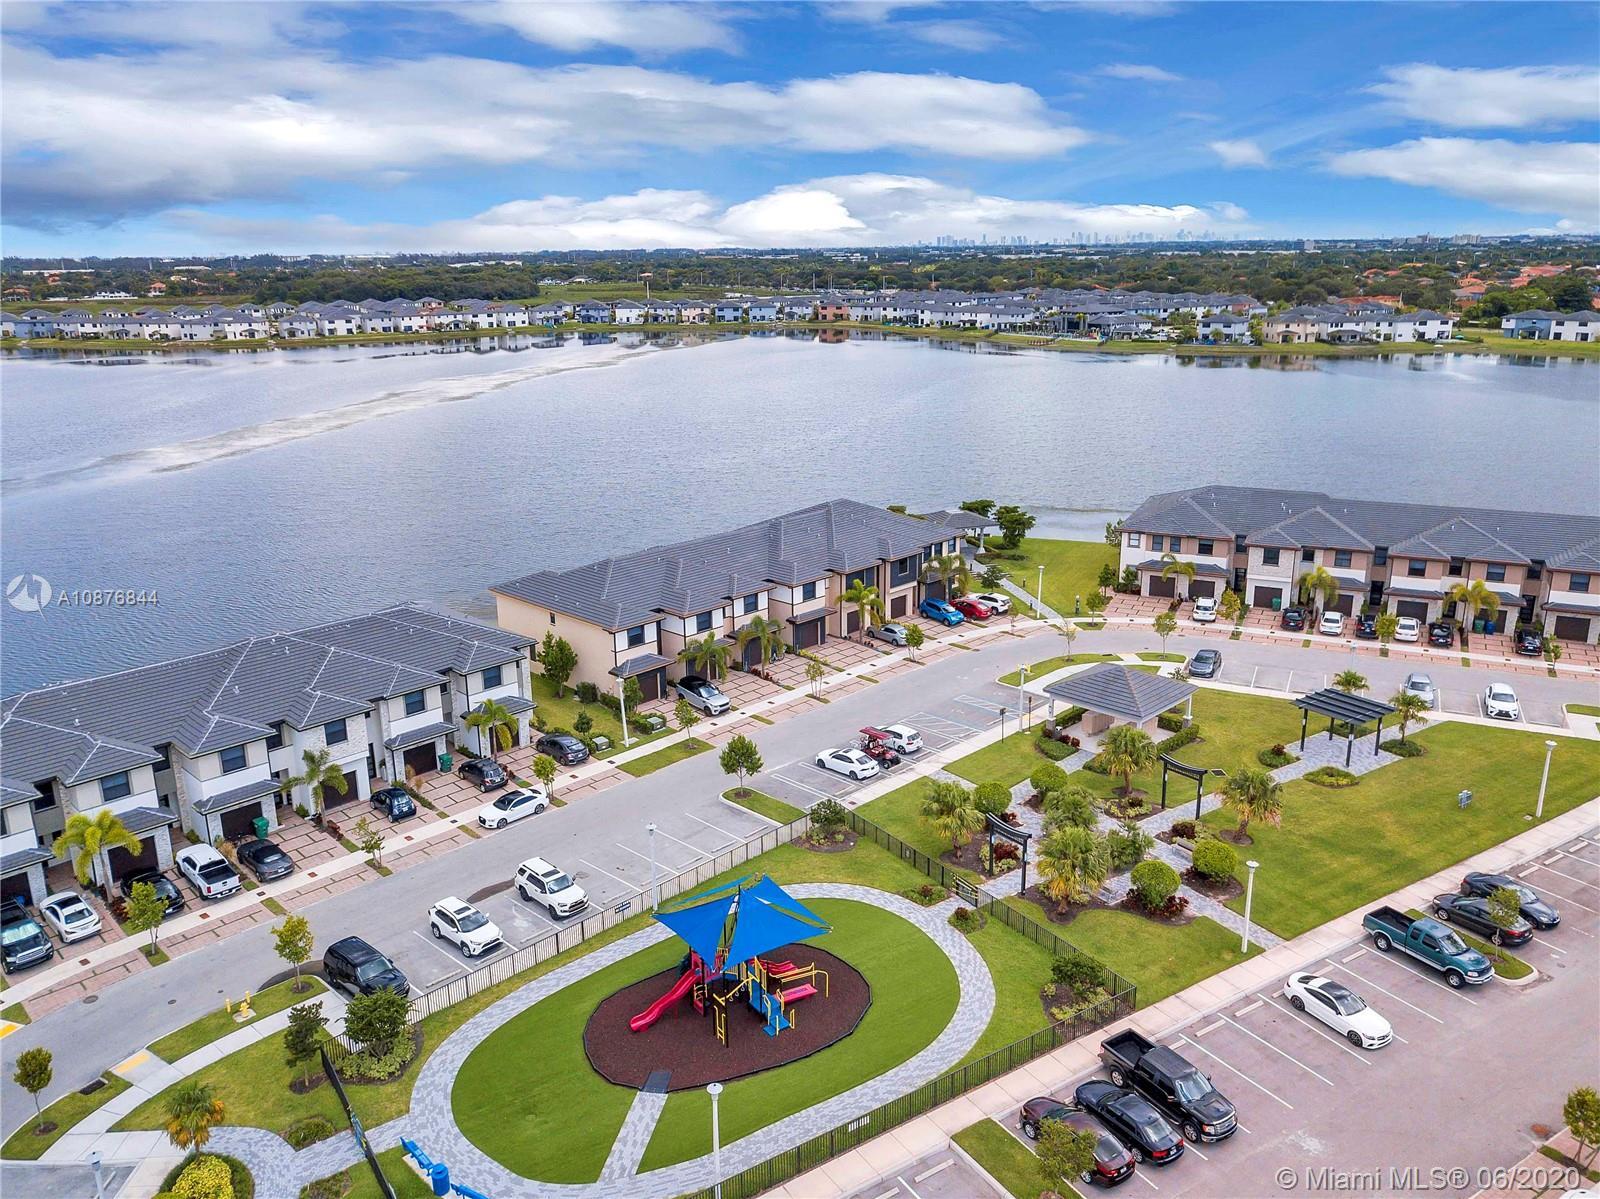 Miami Lakes #15839 - 60 - photo